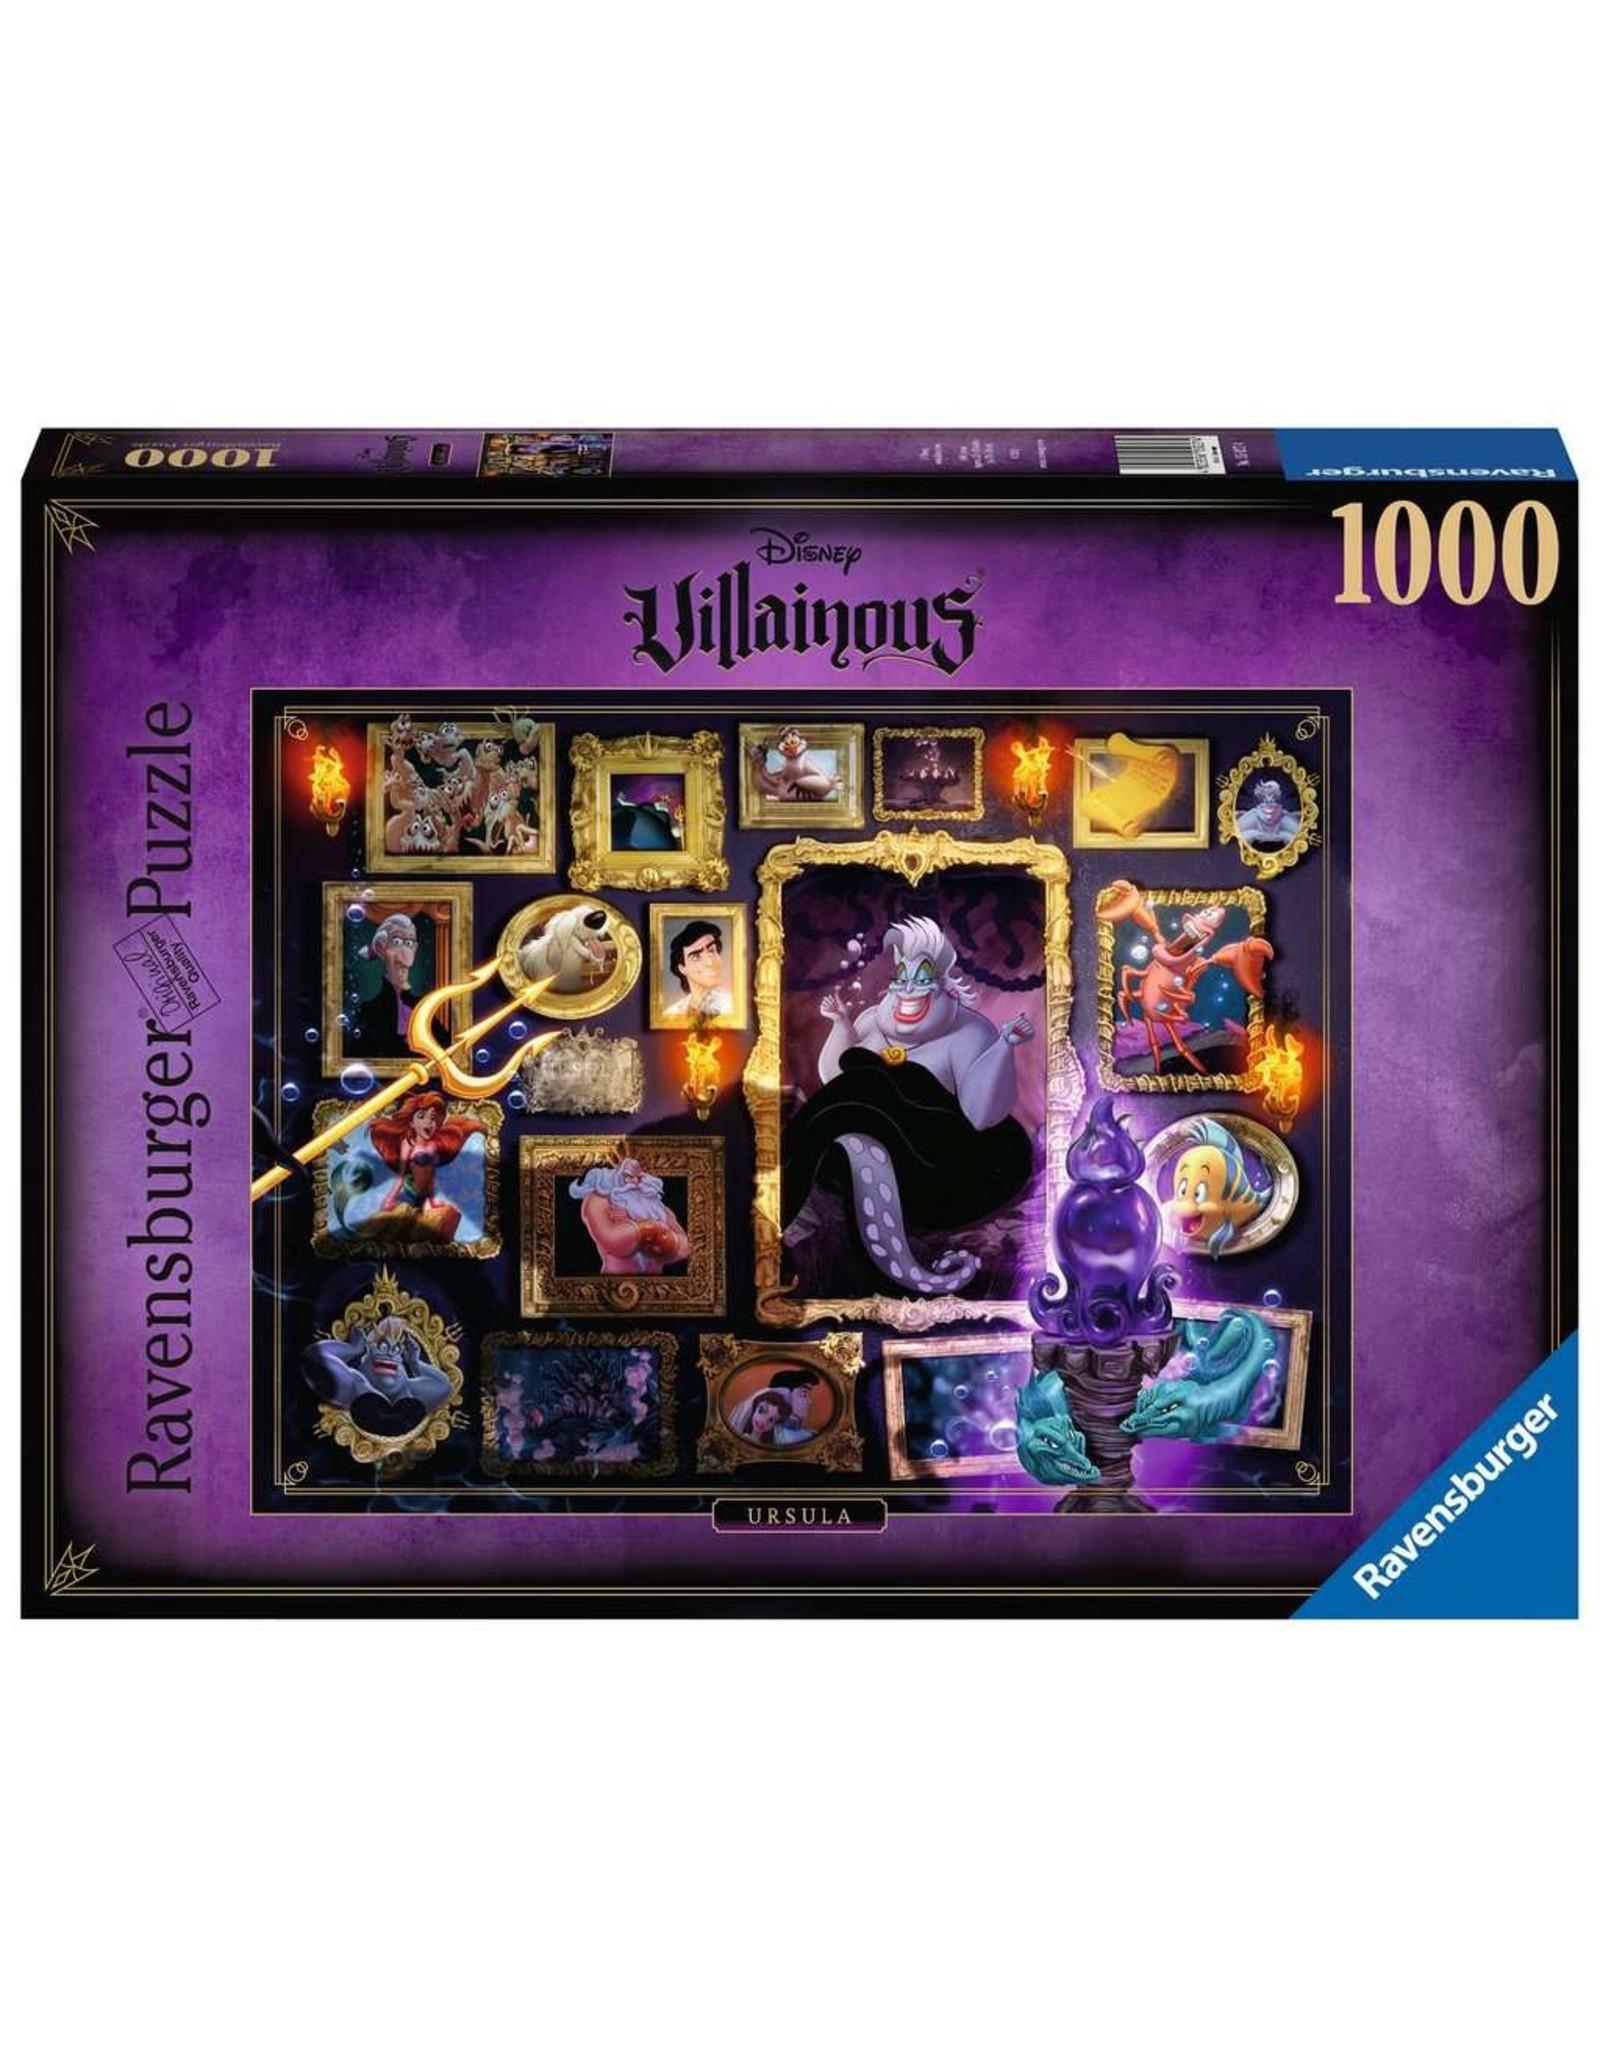 Ravensburger Villainous Ursula 1000pc Puzzle